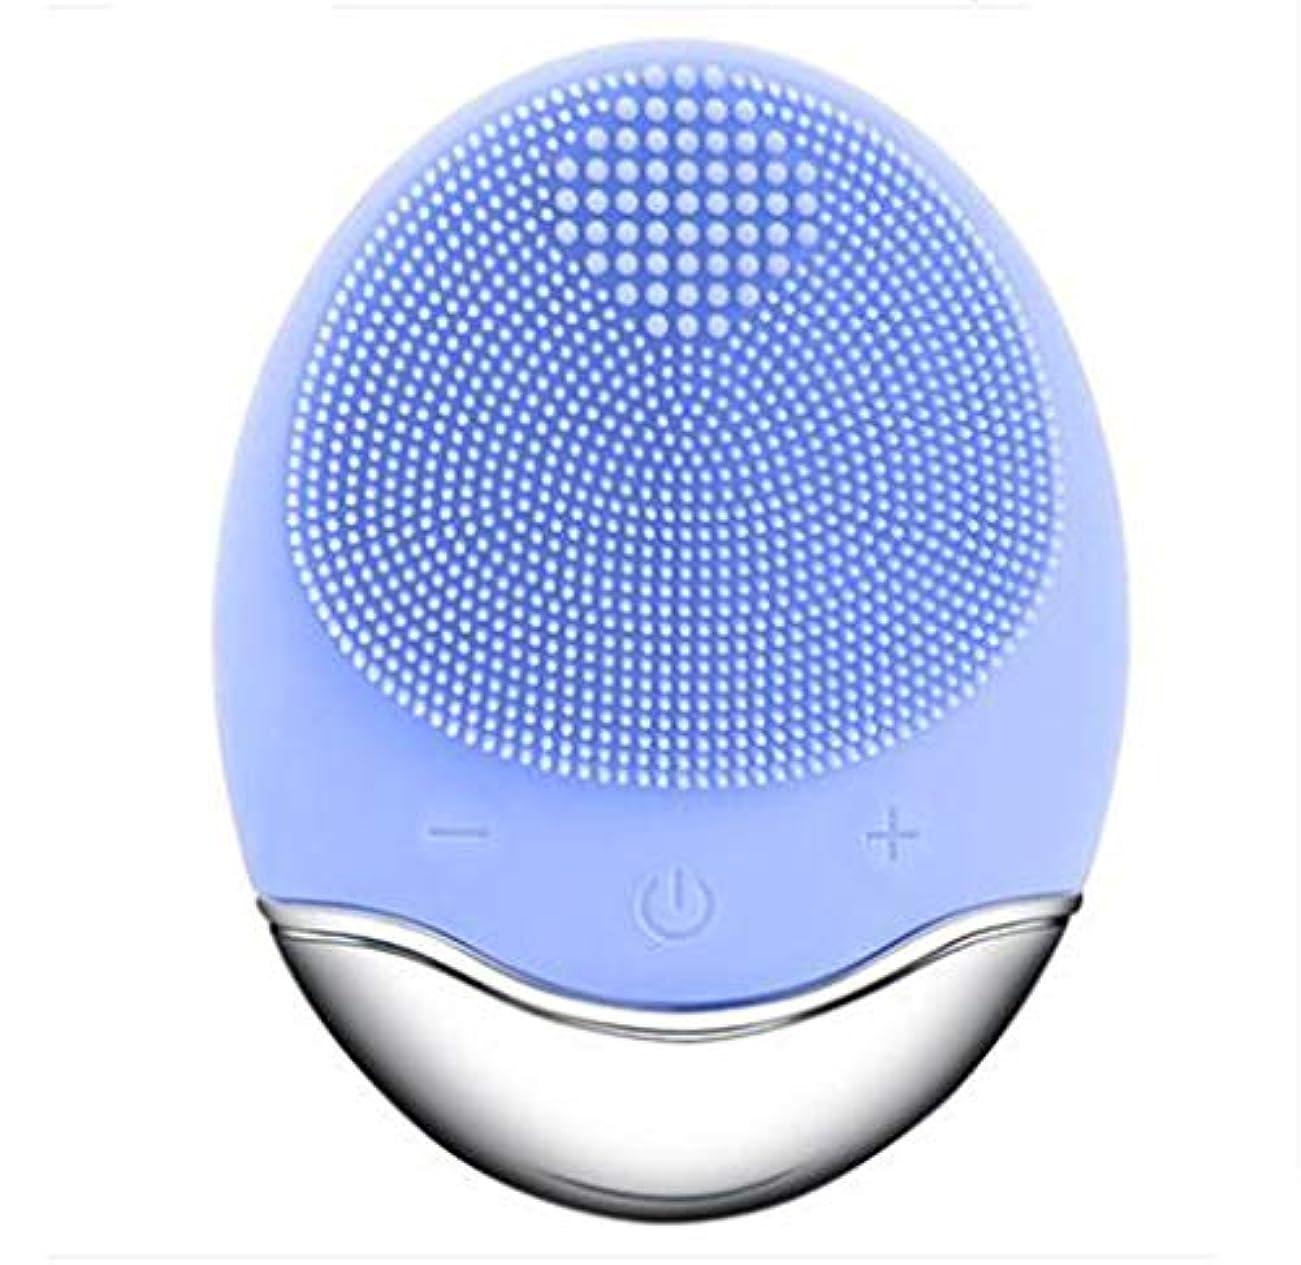 熟読するボウリング学生シリコーン電気クレンジング器具、洗顔毛穴クリーナーマッサージフェイス、イントロデューサー + クレンジング器具 (1 つ2個),Blue